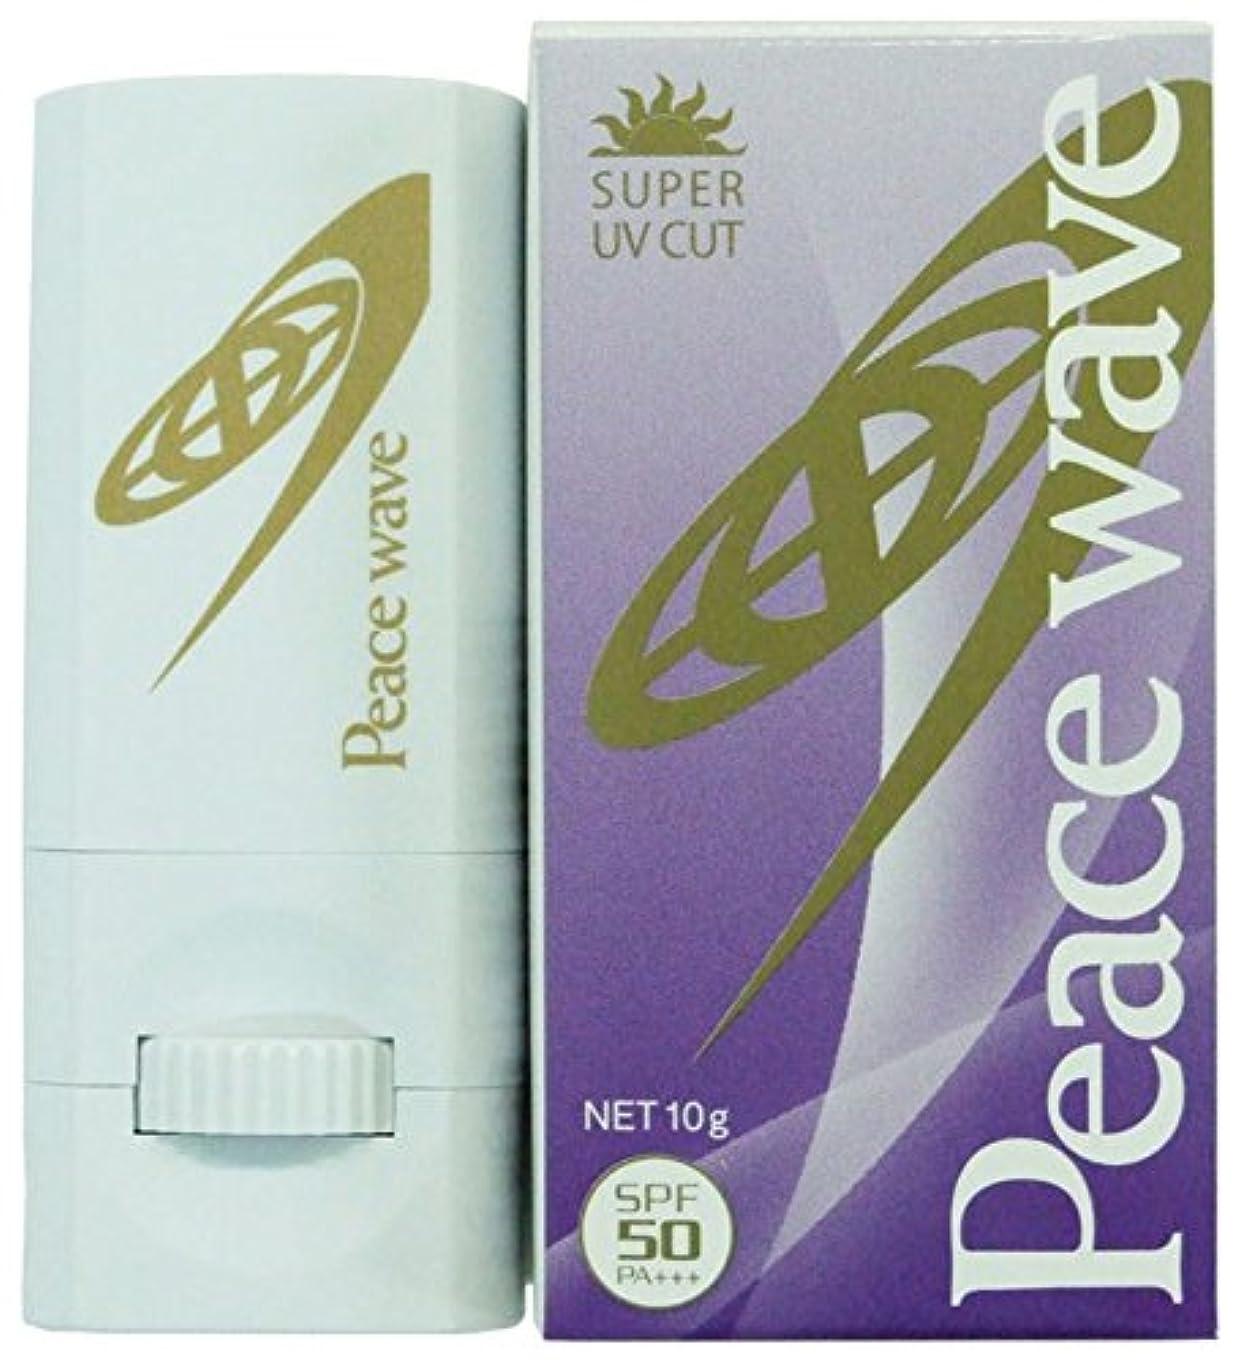 塩辛いバラバラにする外部PEACE WAVE 日焼け止め UVフェイススティック SPF50 PA+++ ホワイト 10g 580250